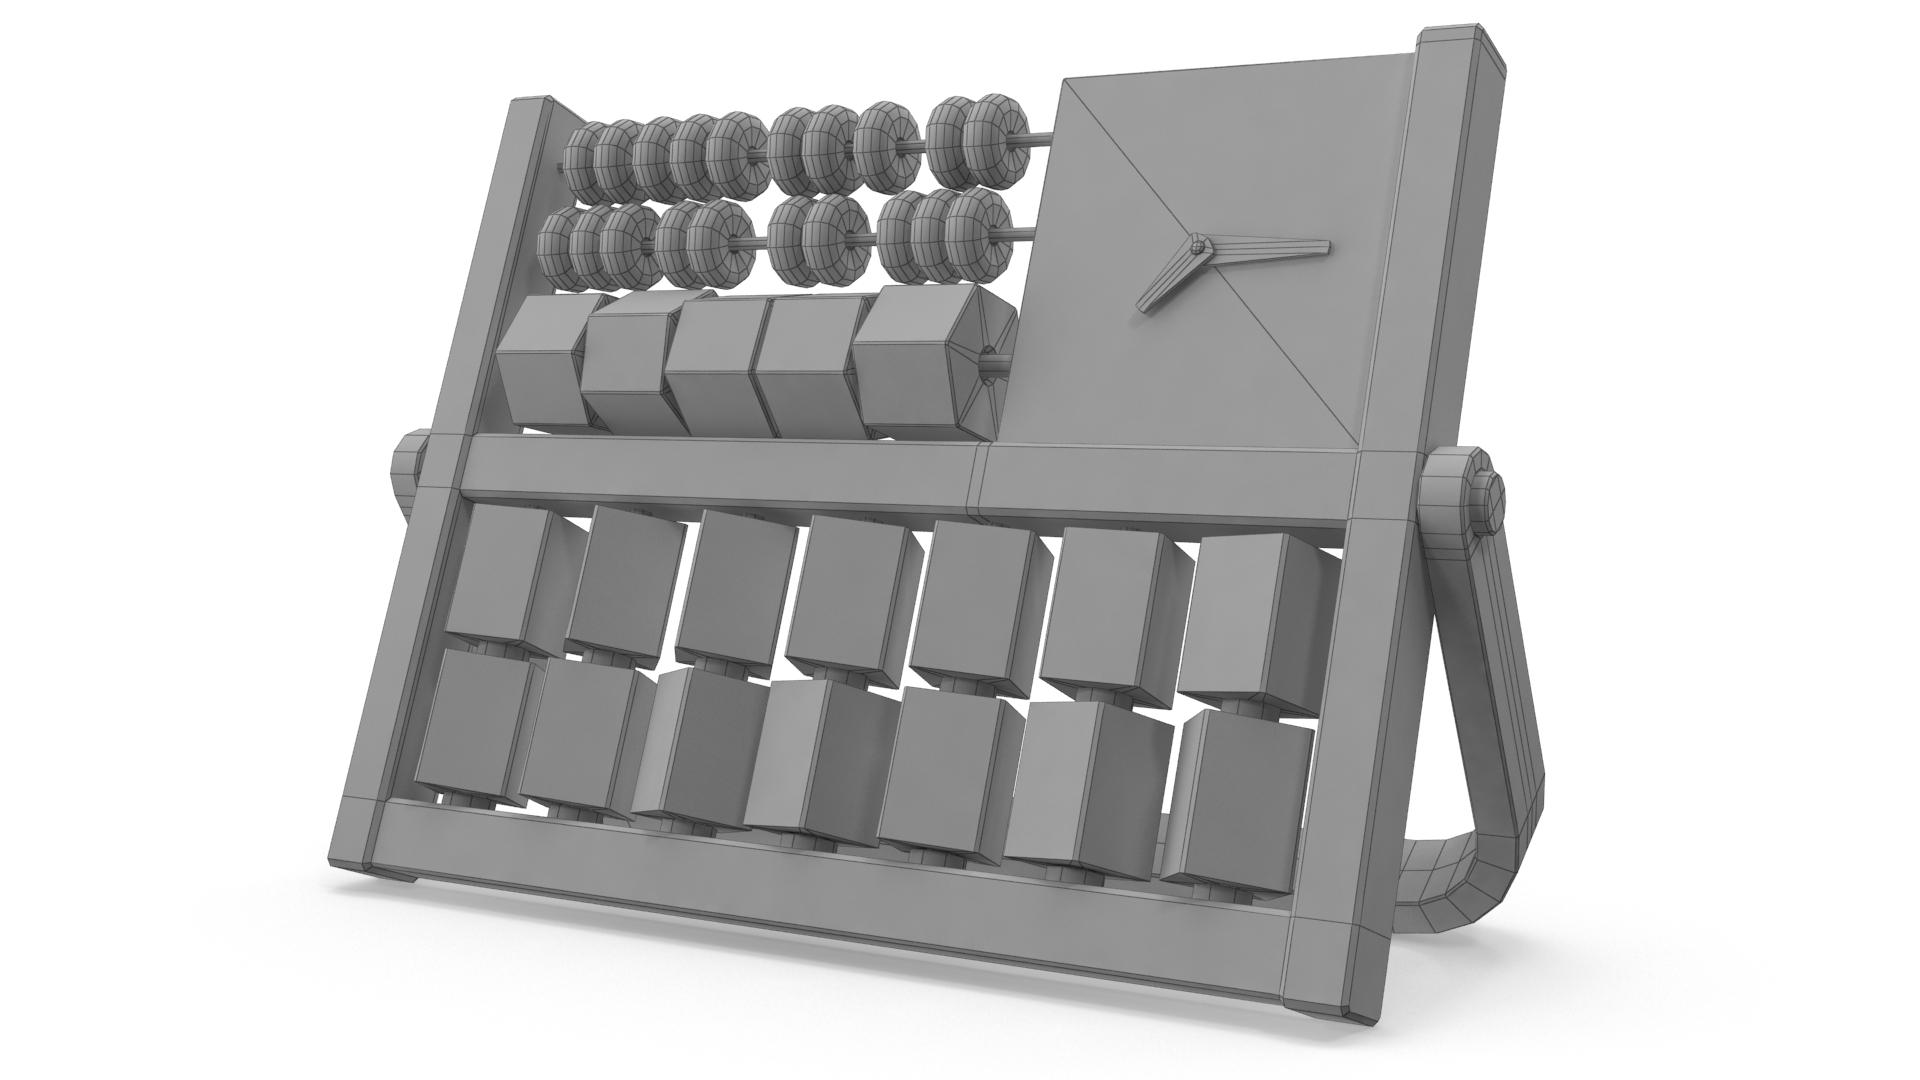 educational toy 3d model 3ds max fbx c4d obj 269322